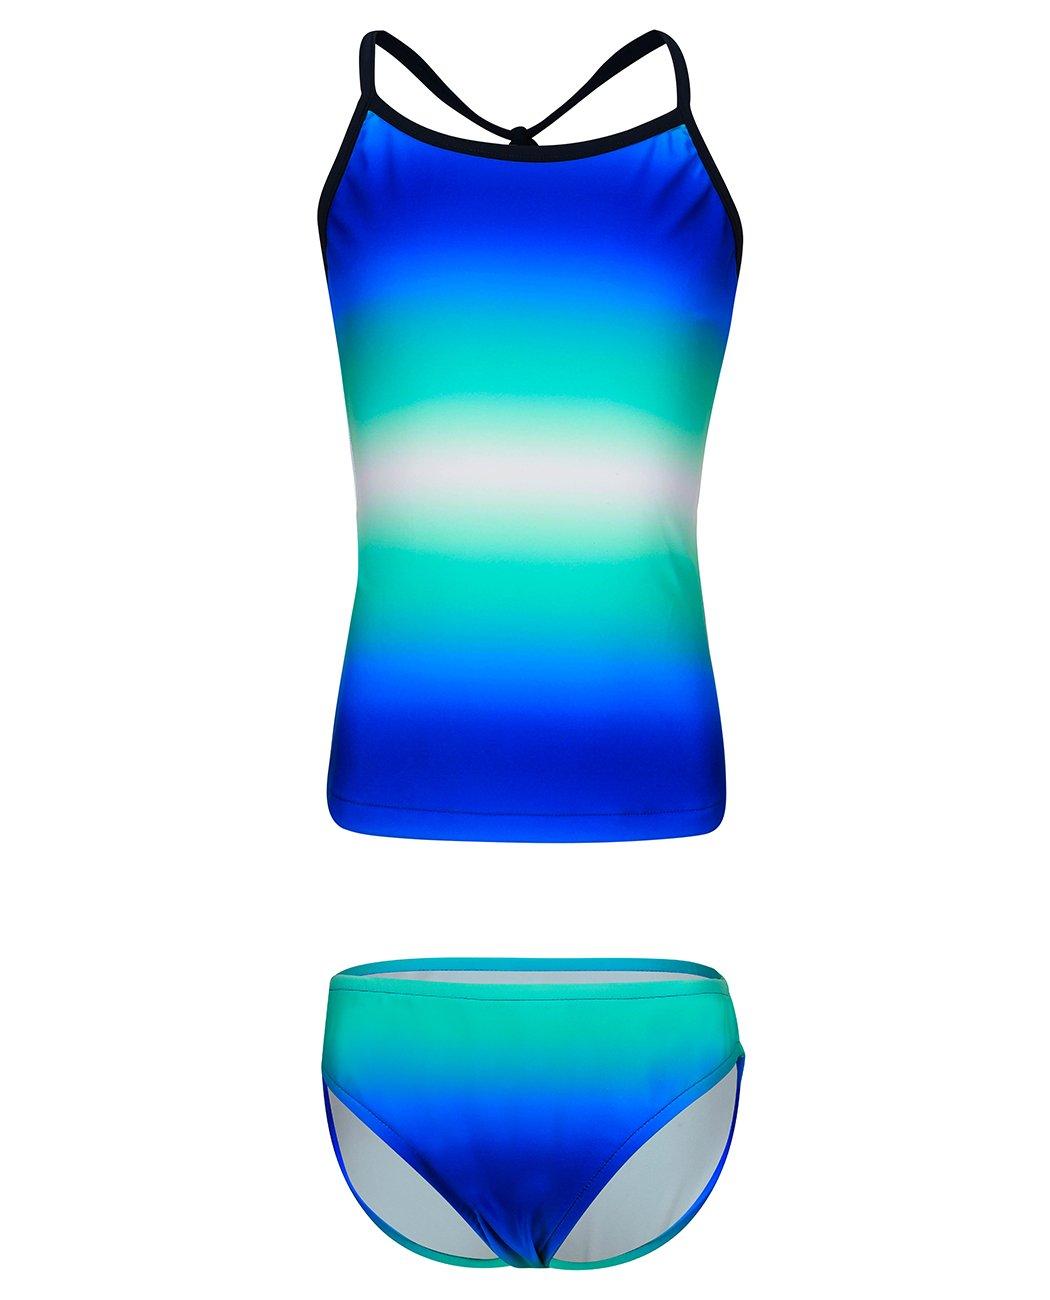 iDrawl Girls Bathing Suit, Two Piece Beach Swimsuit Gradient Blue Stripe Swimwear